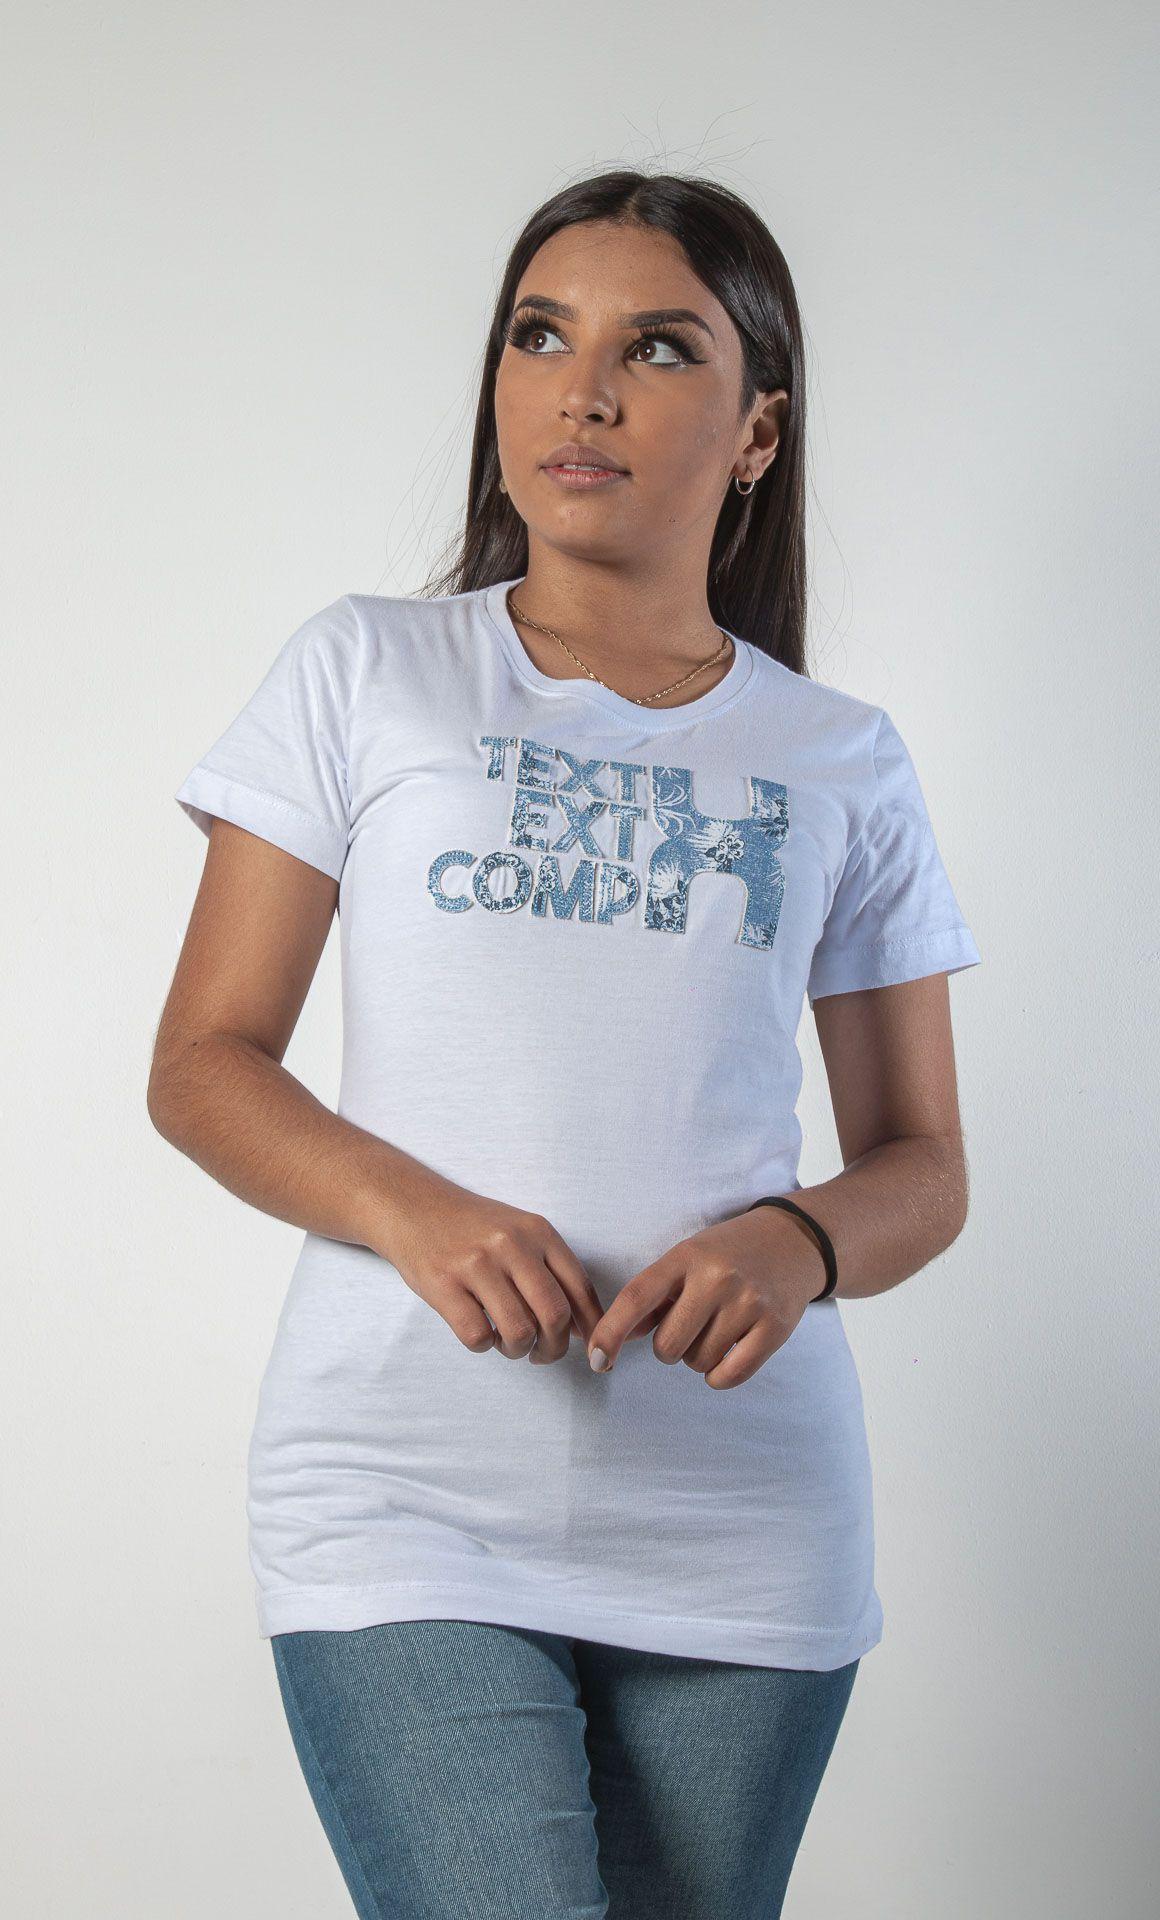 Camiseta Feminina TXC 4358